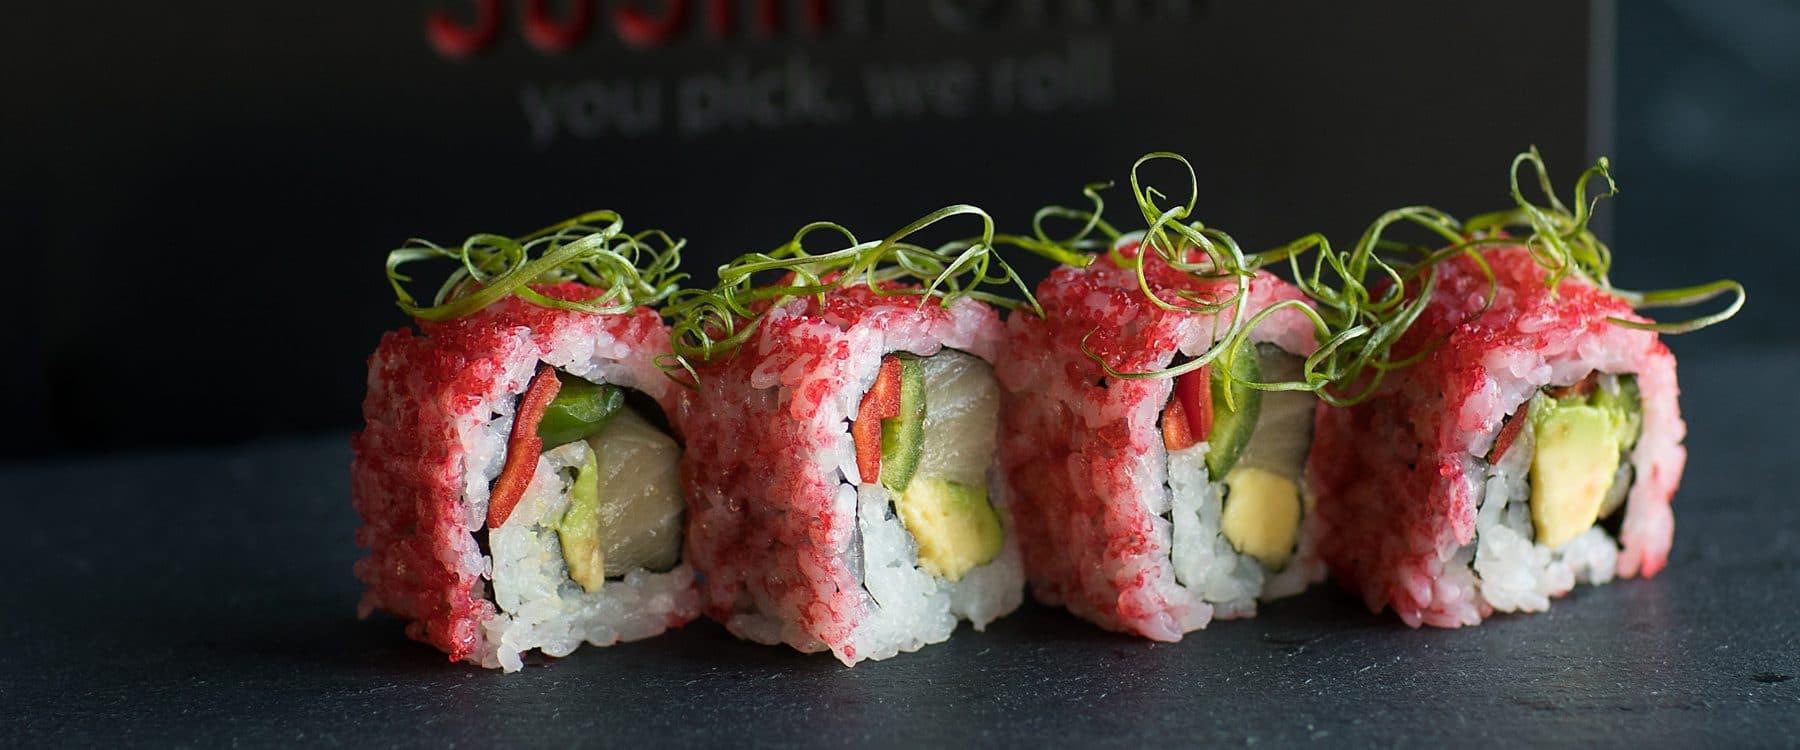 SushiFork of Tulsa Sushi Rolls